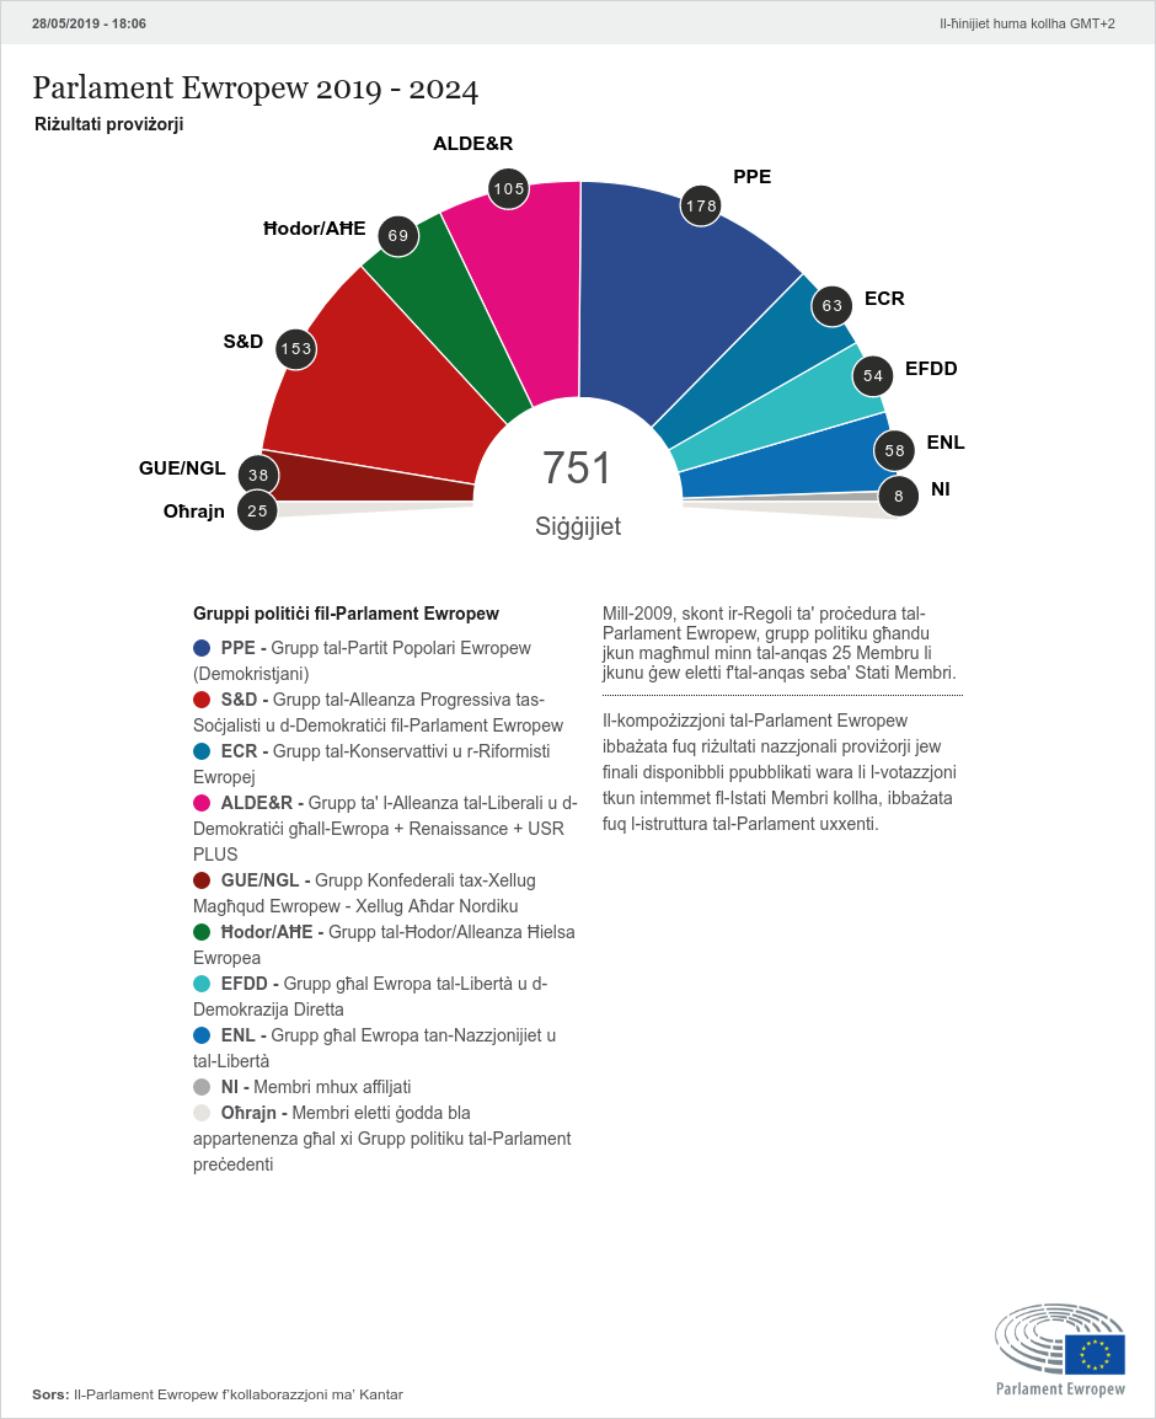 Il-projezzjonijiet tas-siġġijiet ikomplu jiġu aġġornati  fis-sit web www.election-results.eu